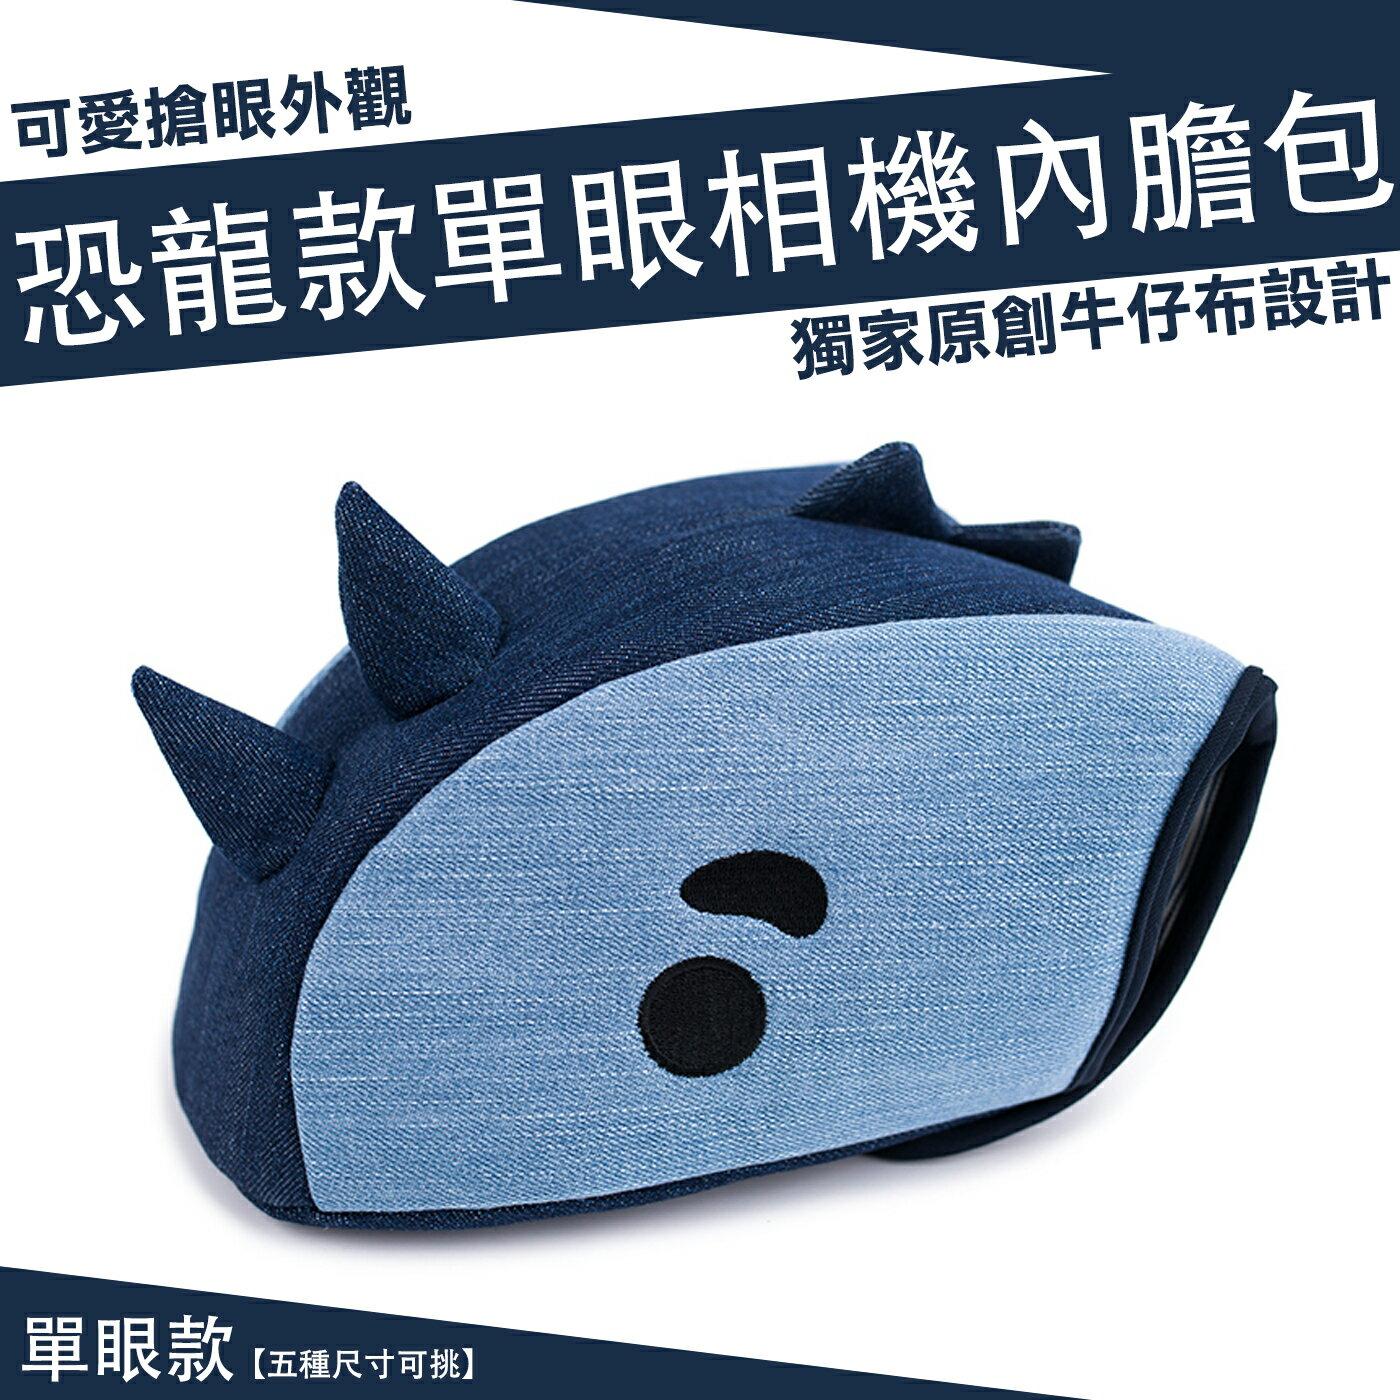 【小咖龍】 恐龍款 單眼 相機包 牛仔帆布 相機袋 內膽包 內膽套 NIKON D5200 D5300 D3200 D5100 D7100 D7000